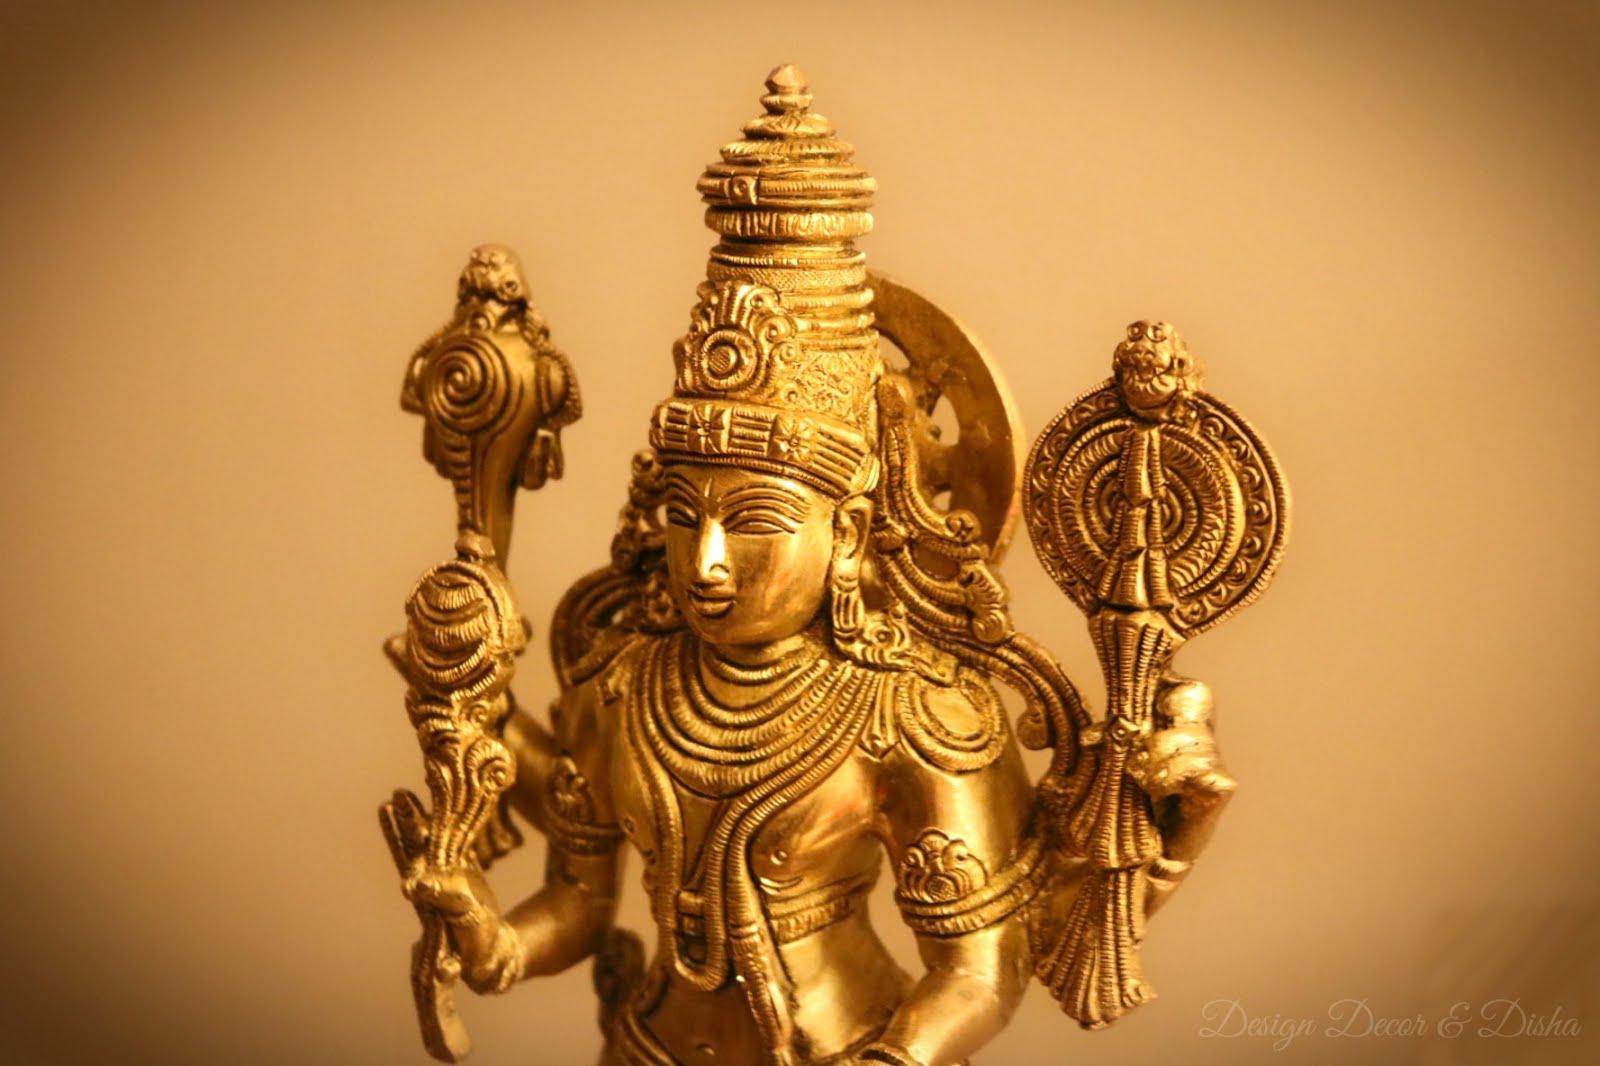 Design Decor & Disha | An Indian Design & Decor Blog: Bharatanatyam ...